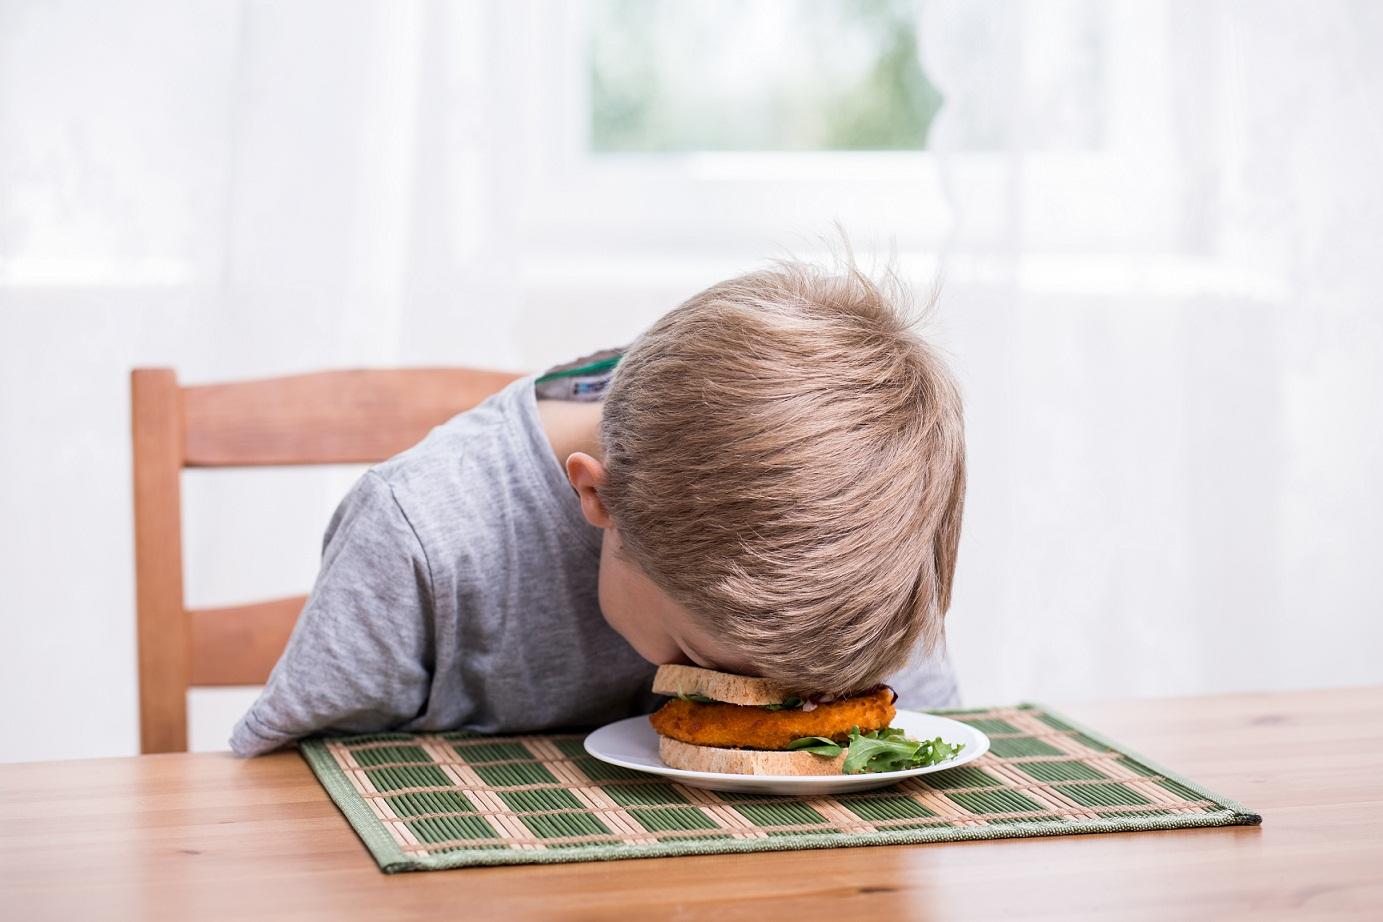 boy's face in sandwich